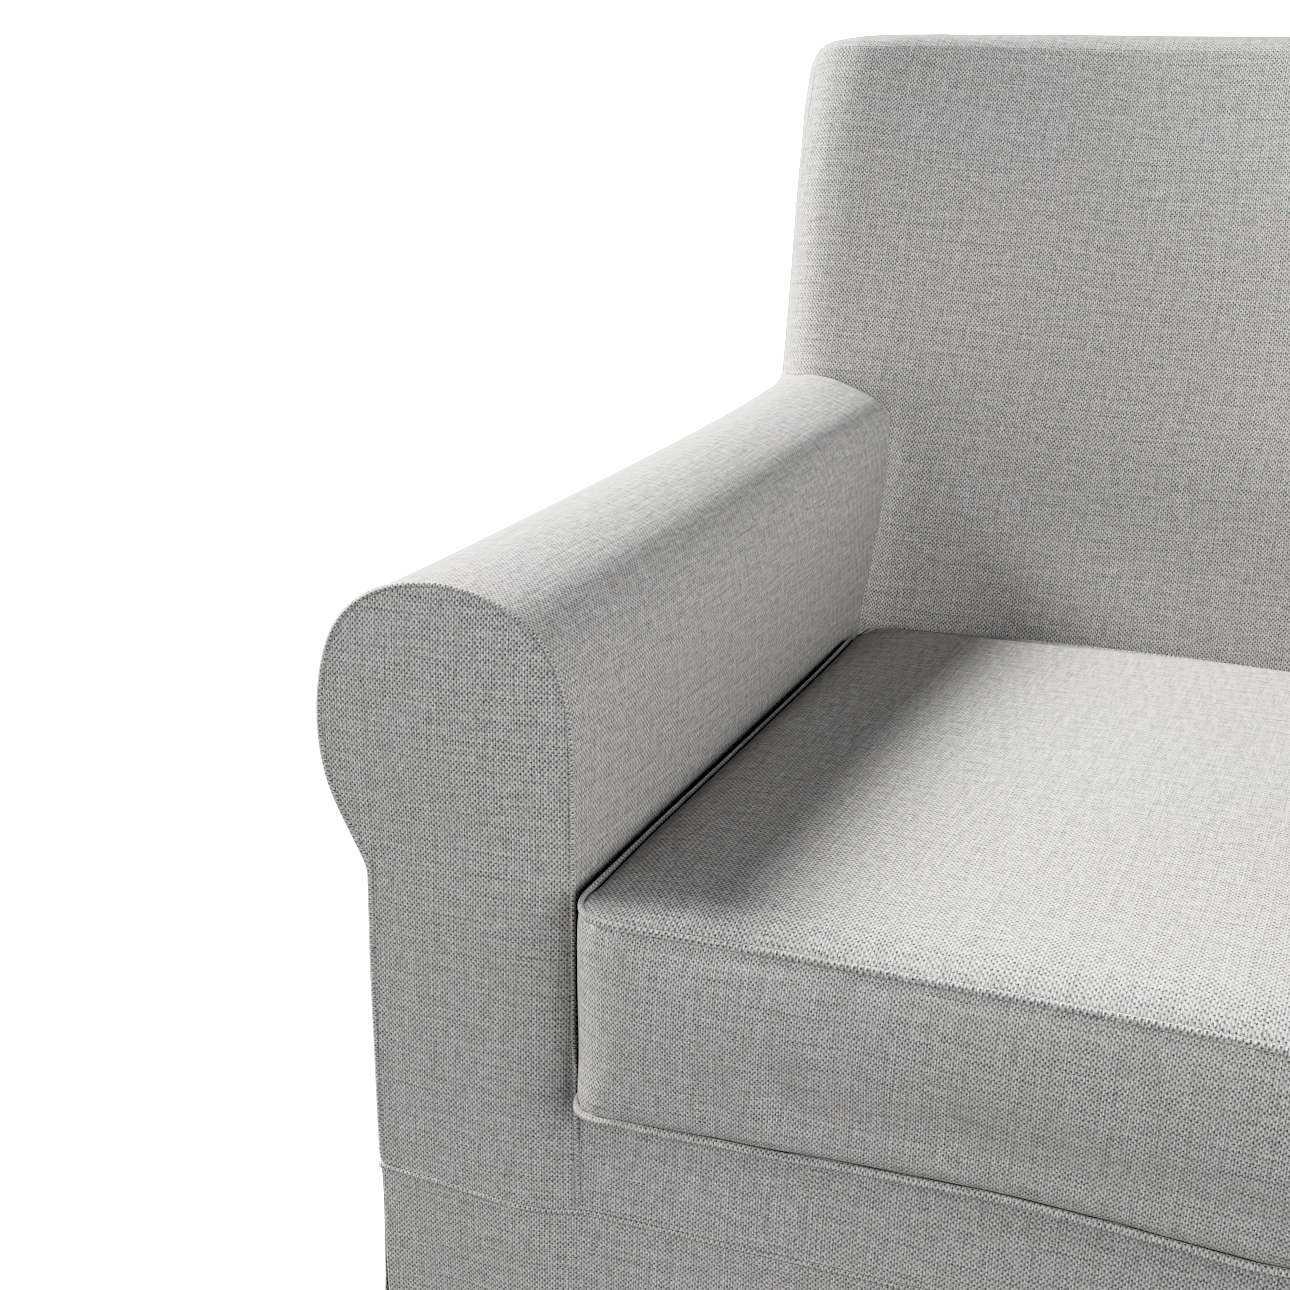 Pokrowiec na fotel Ektorp Jennylund w kolekcji Living II, tkanina: 160-89